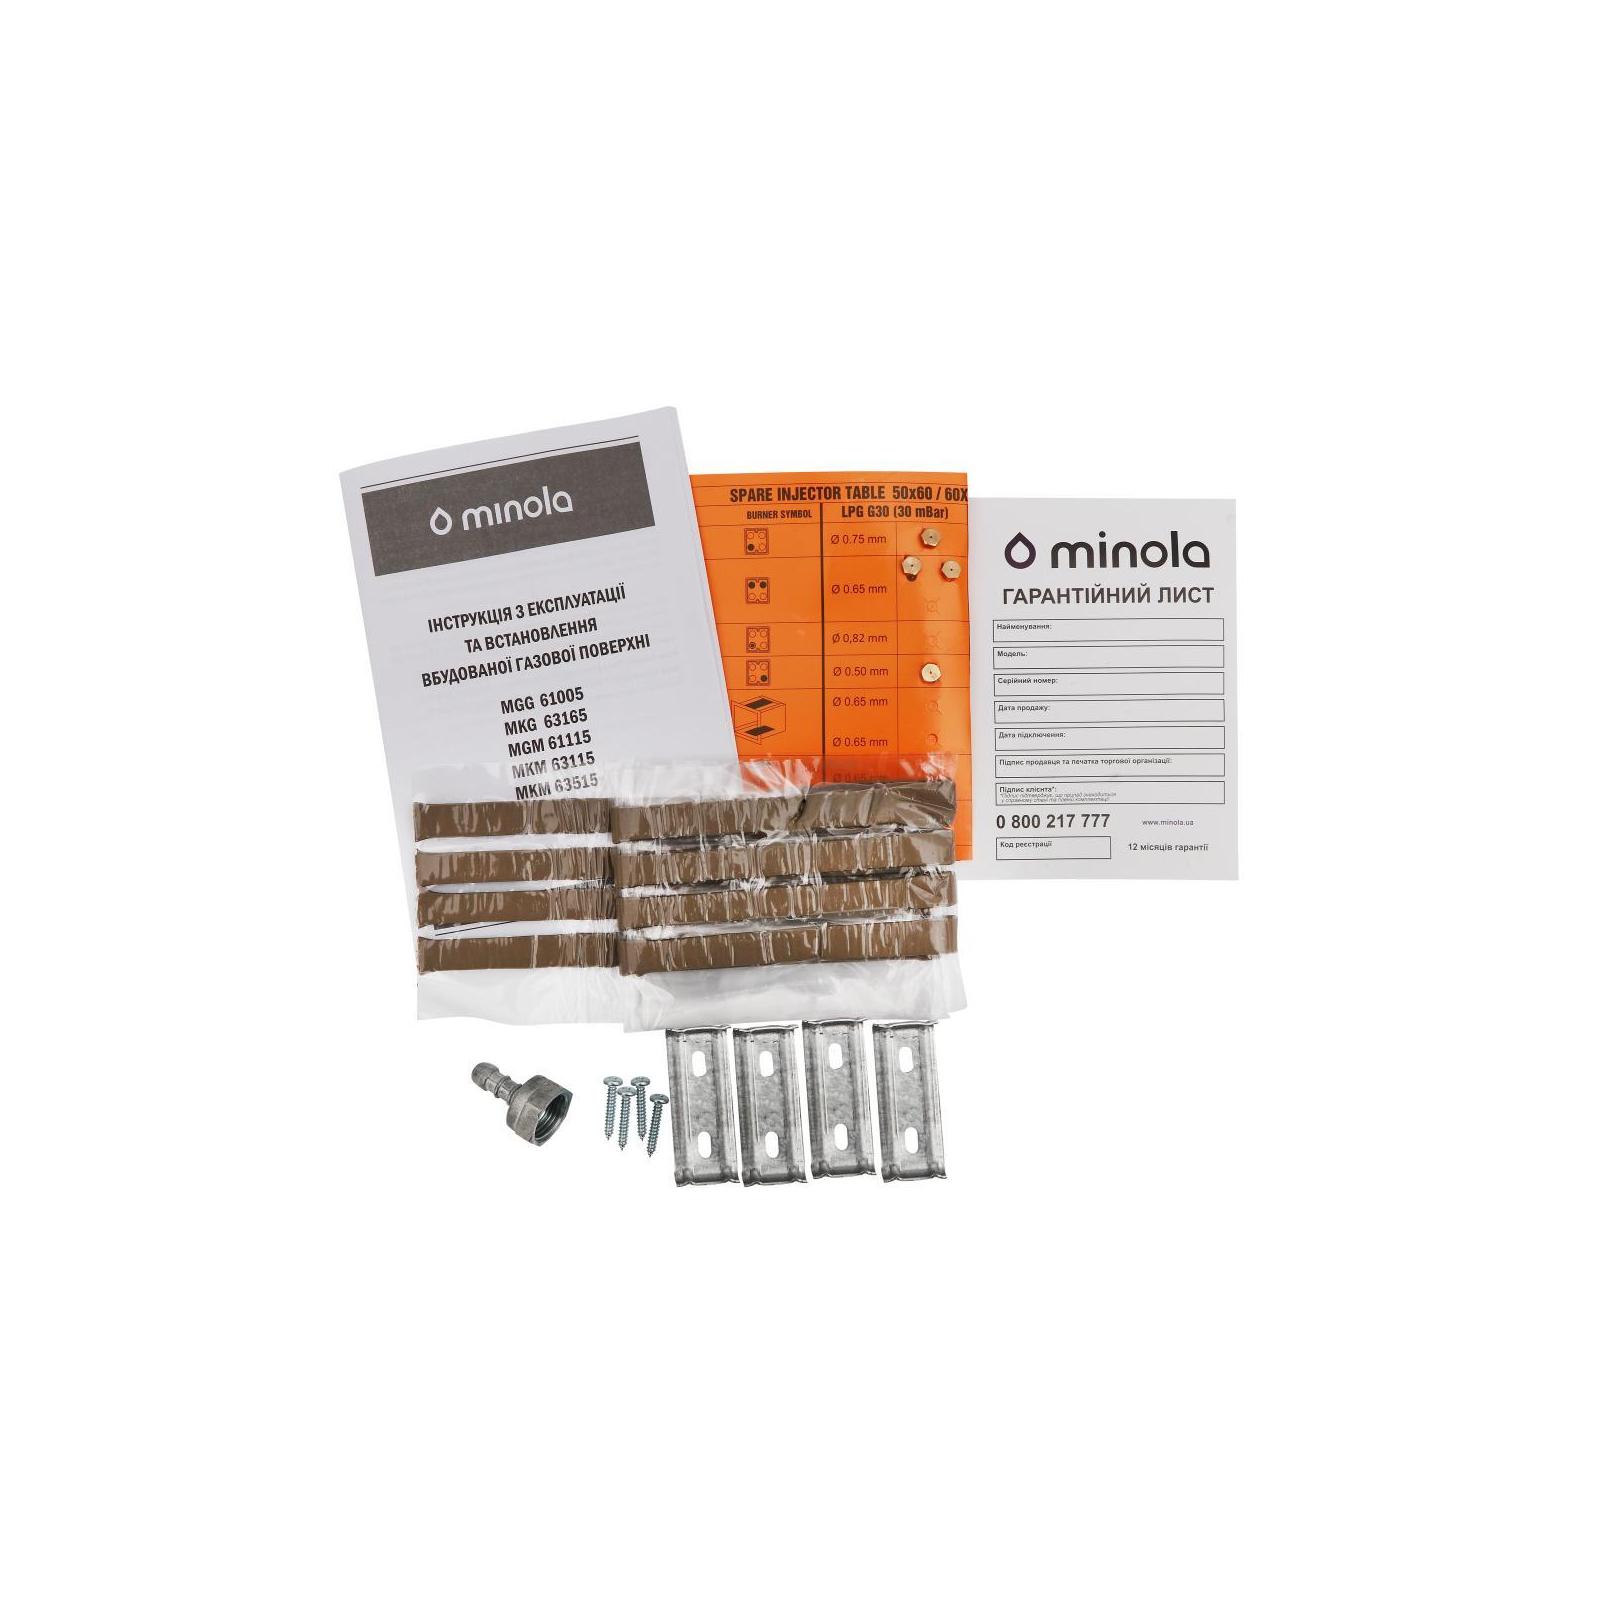 Варочная поверхность MINOLA MKM 63515 I изображение 6